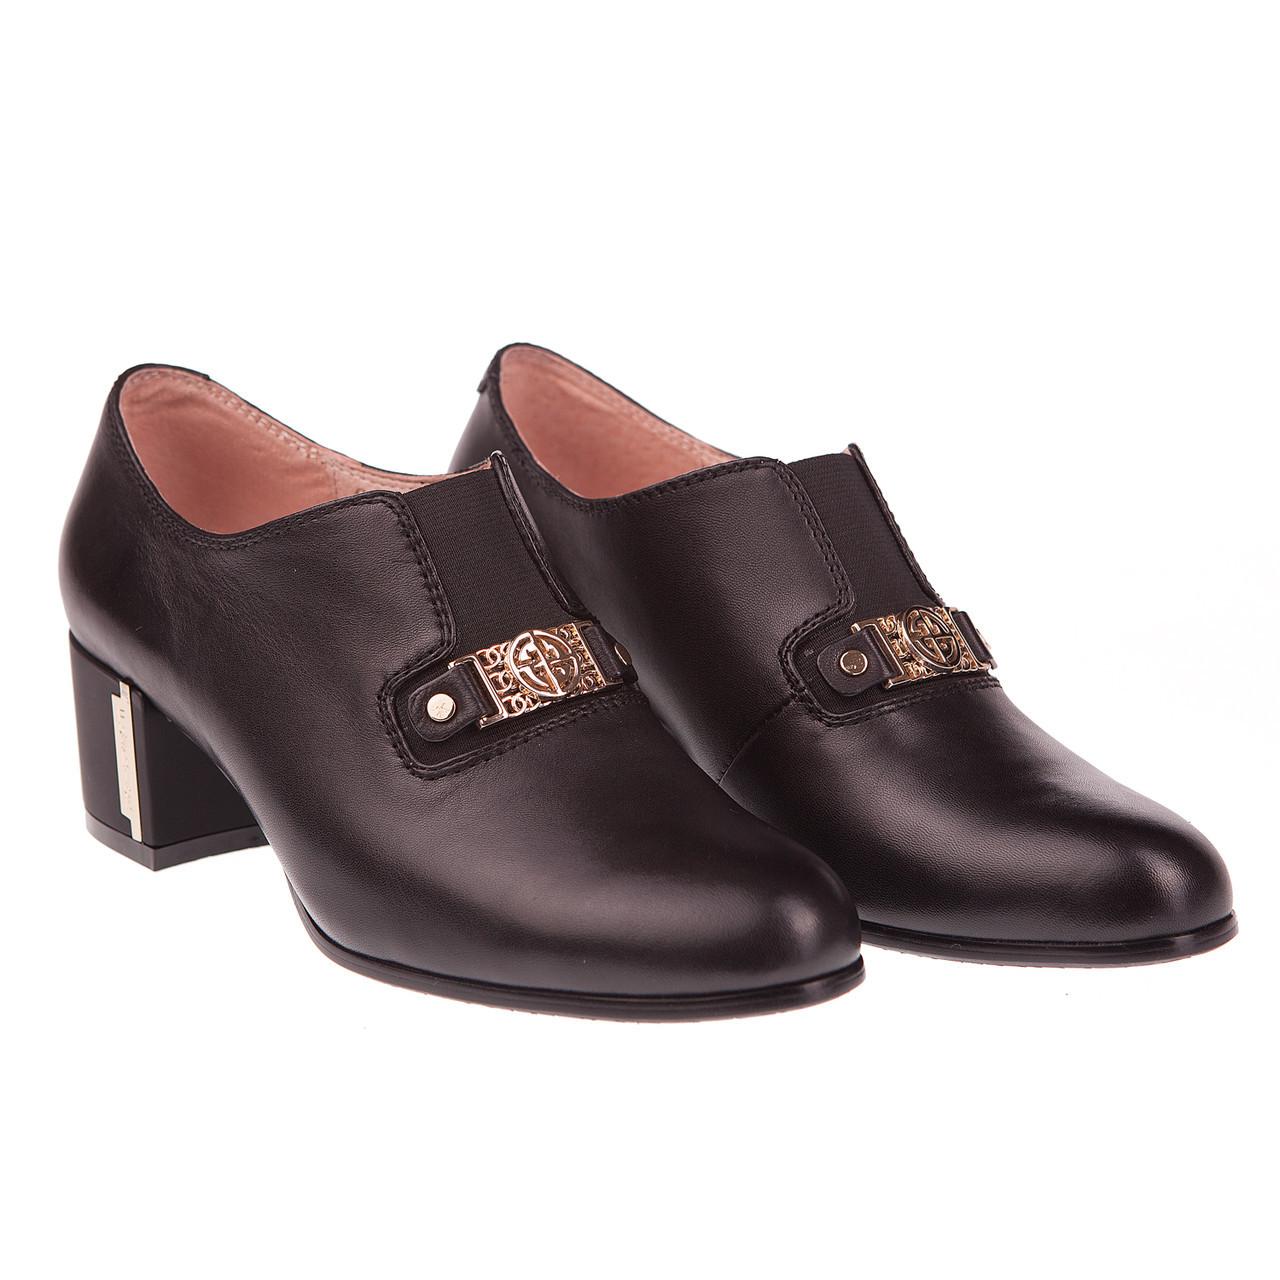 f20fd79a4413 Модные женские туфли Beratroni (кожаные, черные, весна-лето, на удобном  каблуке